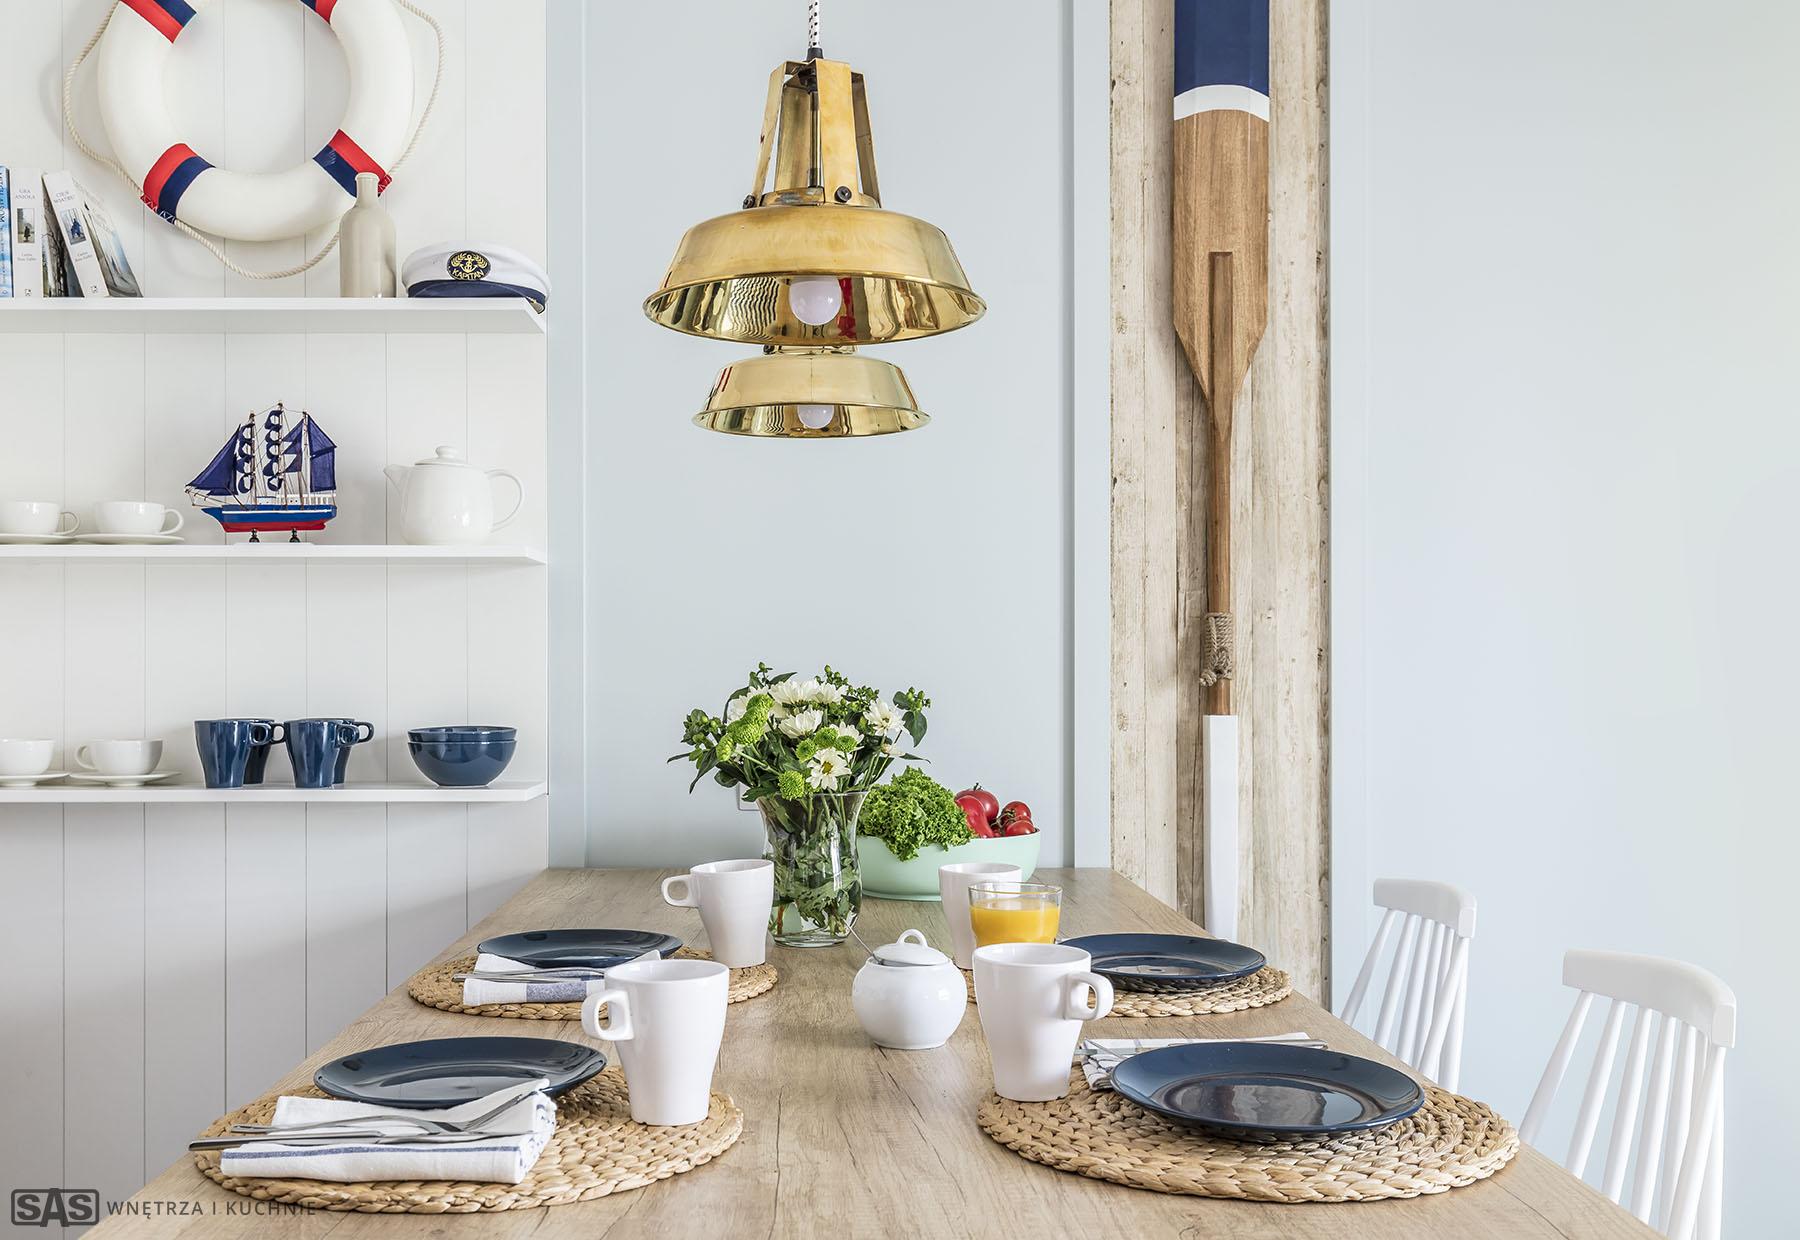 Meble kuchenne wykonanie SAS Wnętrza i Kuchnie, Projekt i aranżacja wnętrza architekt wnętrz Emilia Strzempek Plasun